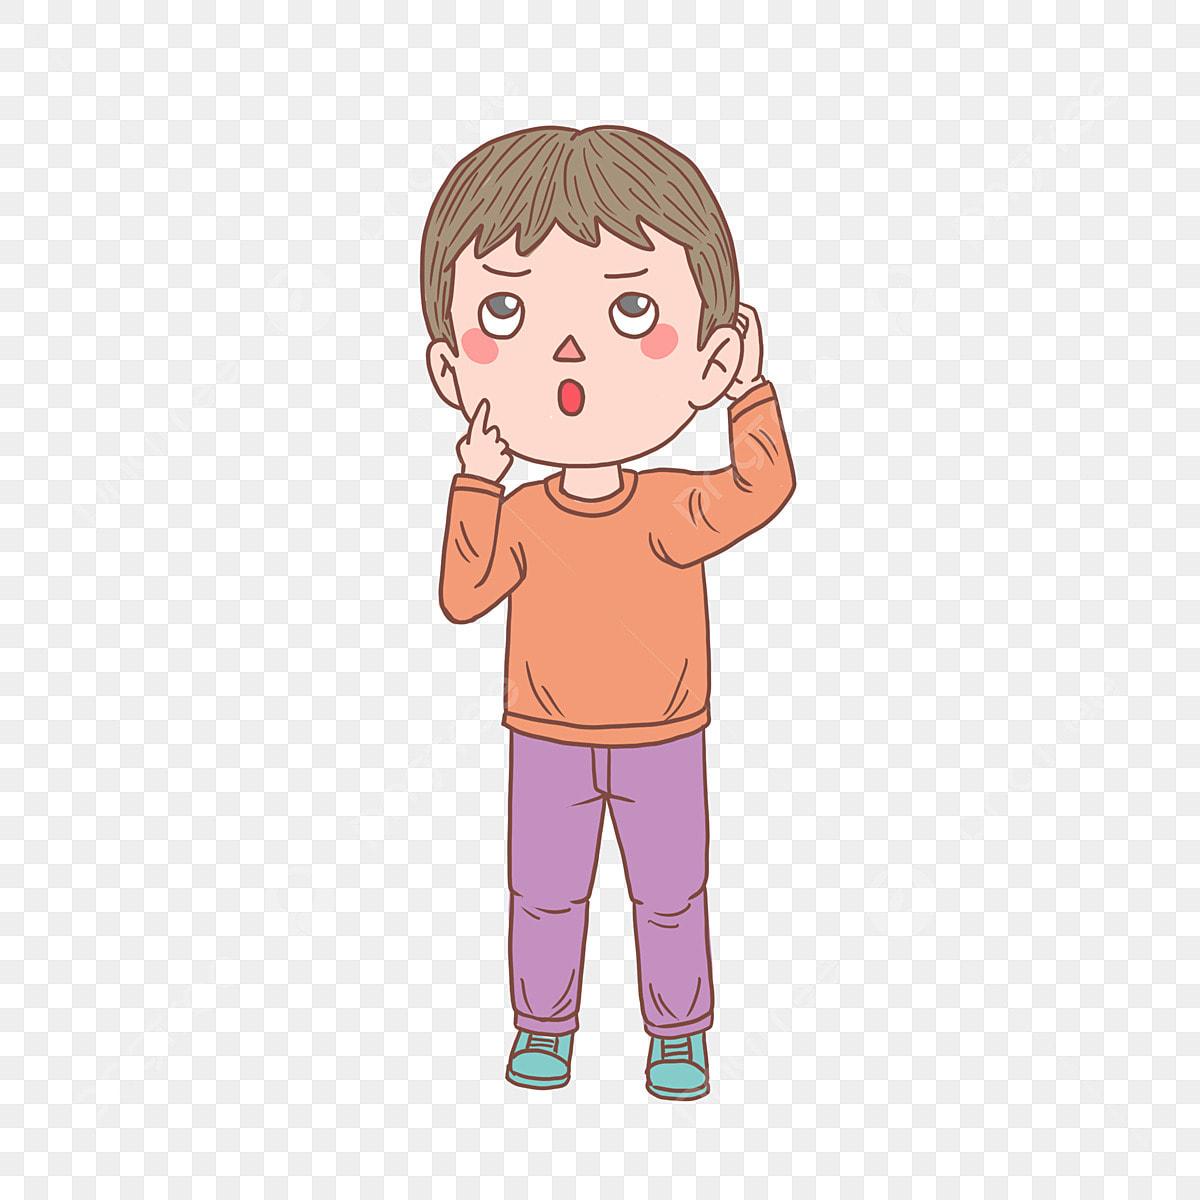 كارتون يد مرسومة بطبعها سؤال تفكير فتى الصبي المرسومة كرتون مرسومة باليد Png وملف Psd للتحميل مجانا